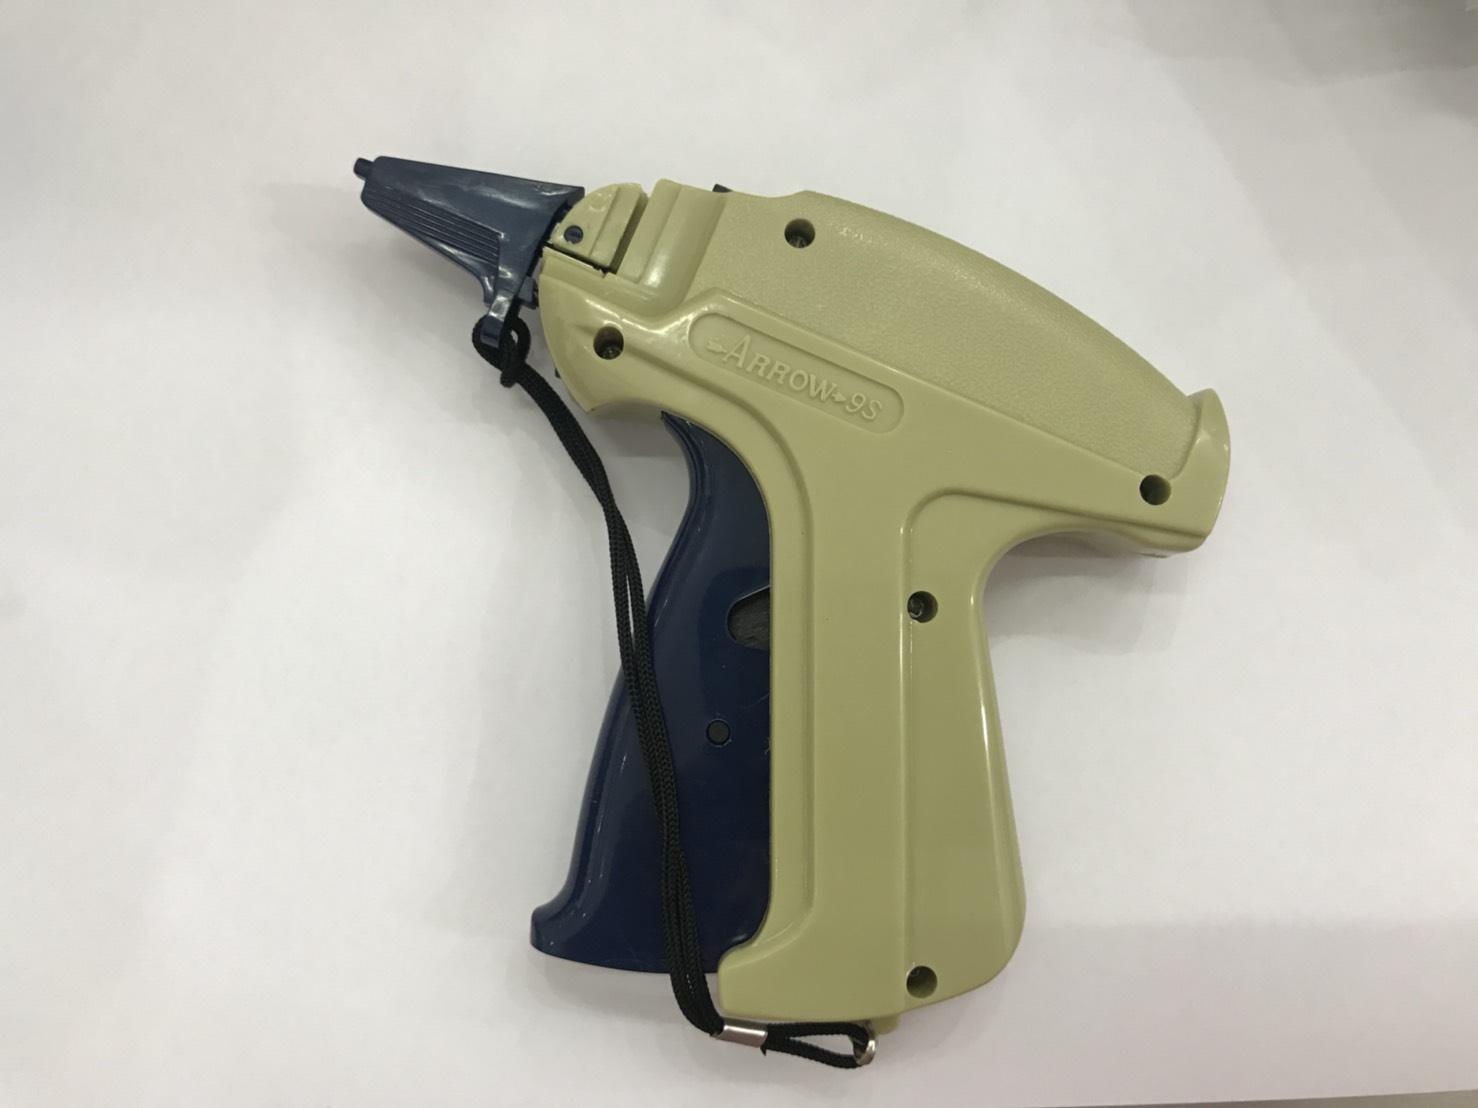 ปืนยิงป้าย (แท็กกันTag gun)